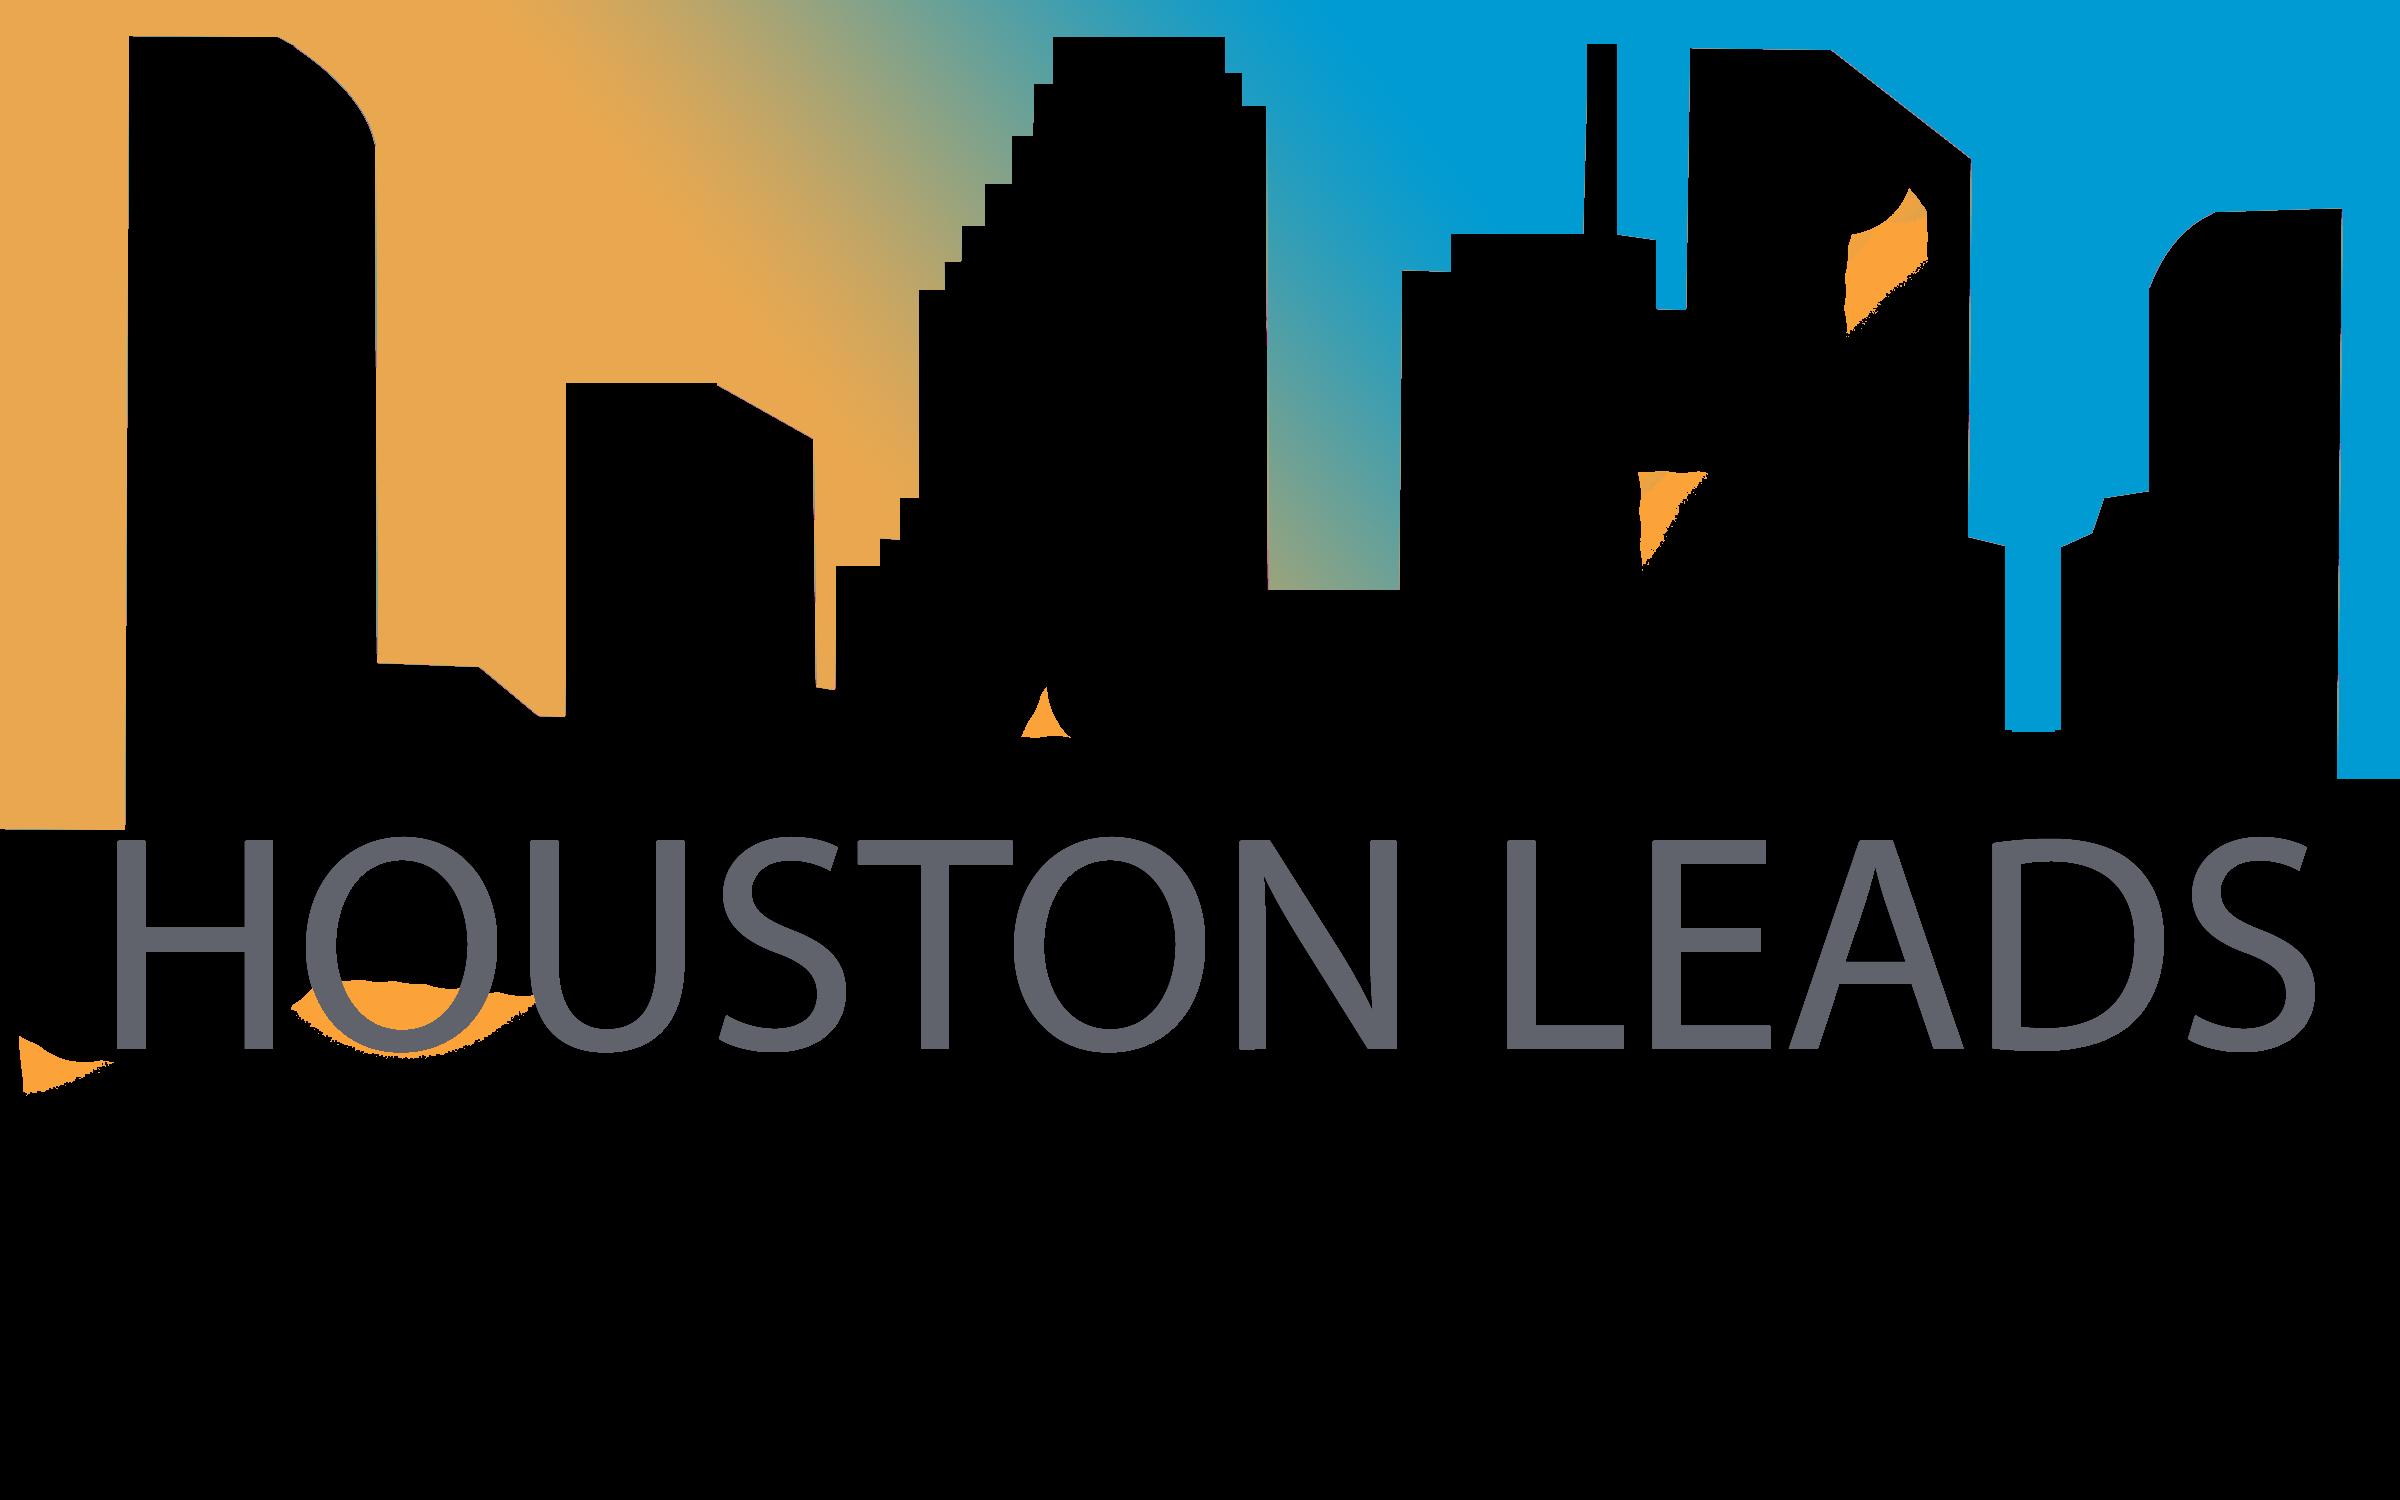 Houston Leads